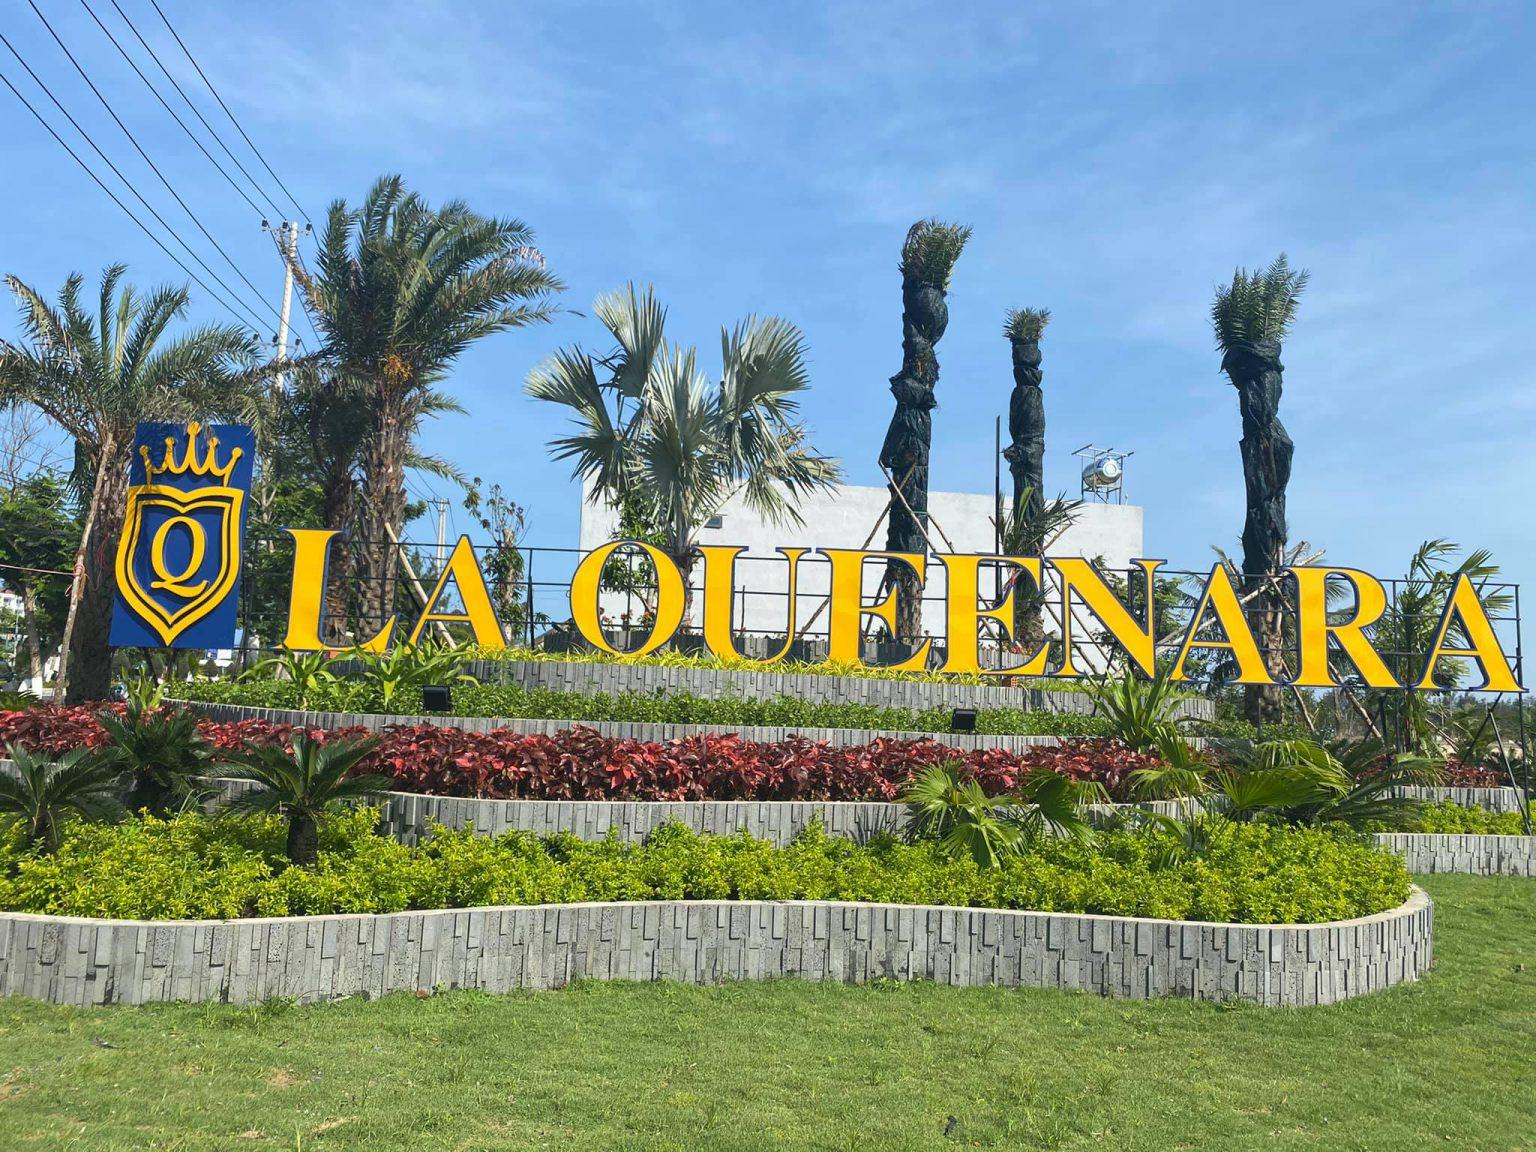 Phương thức thanh toán dự án La Queenara như thế nào?